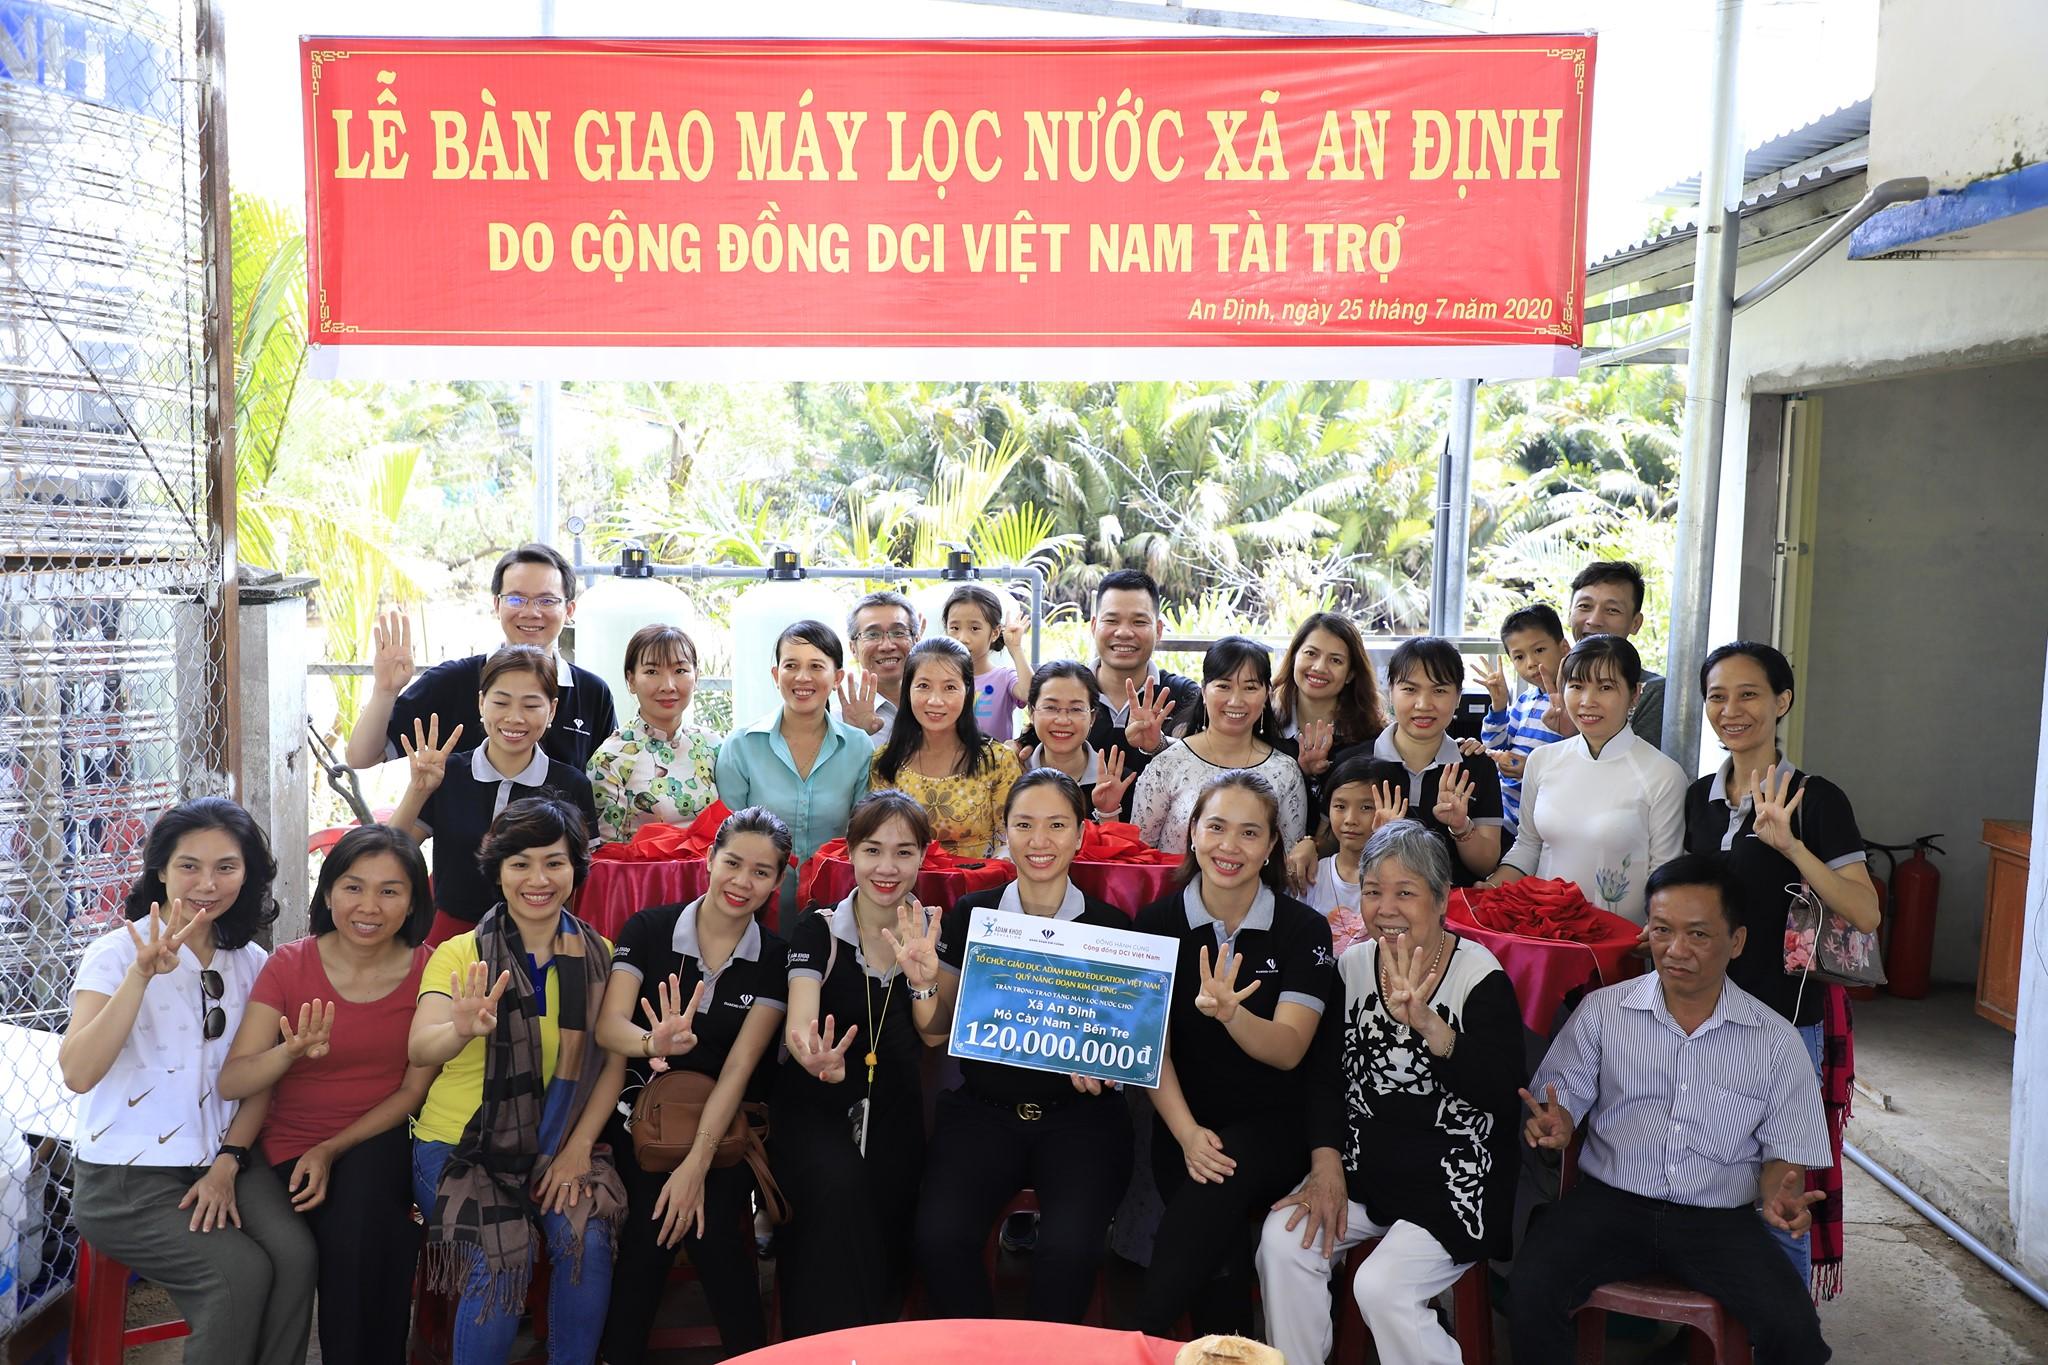 DCI Việt Nam trao tặng 2 máy lọc nước và 4 ngôi nhà tình thương tại tỉnh Bến Tre